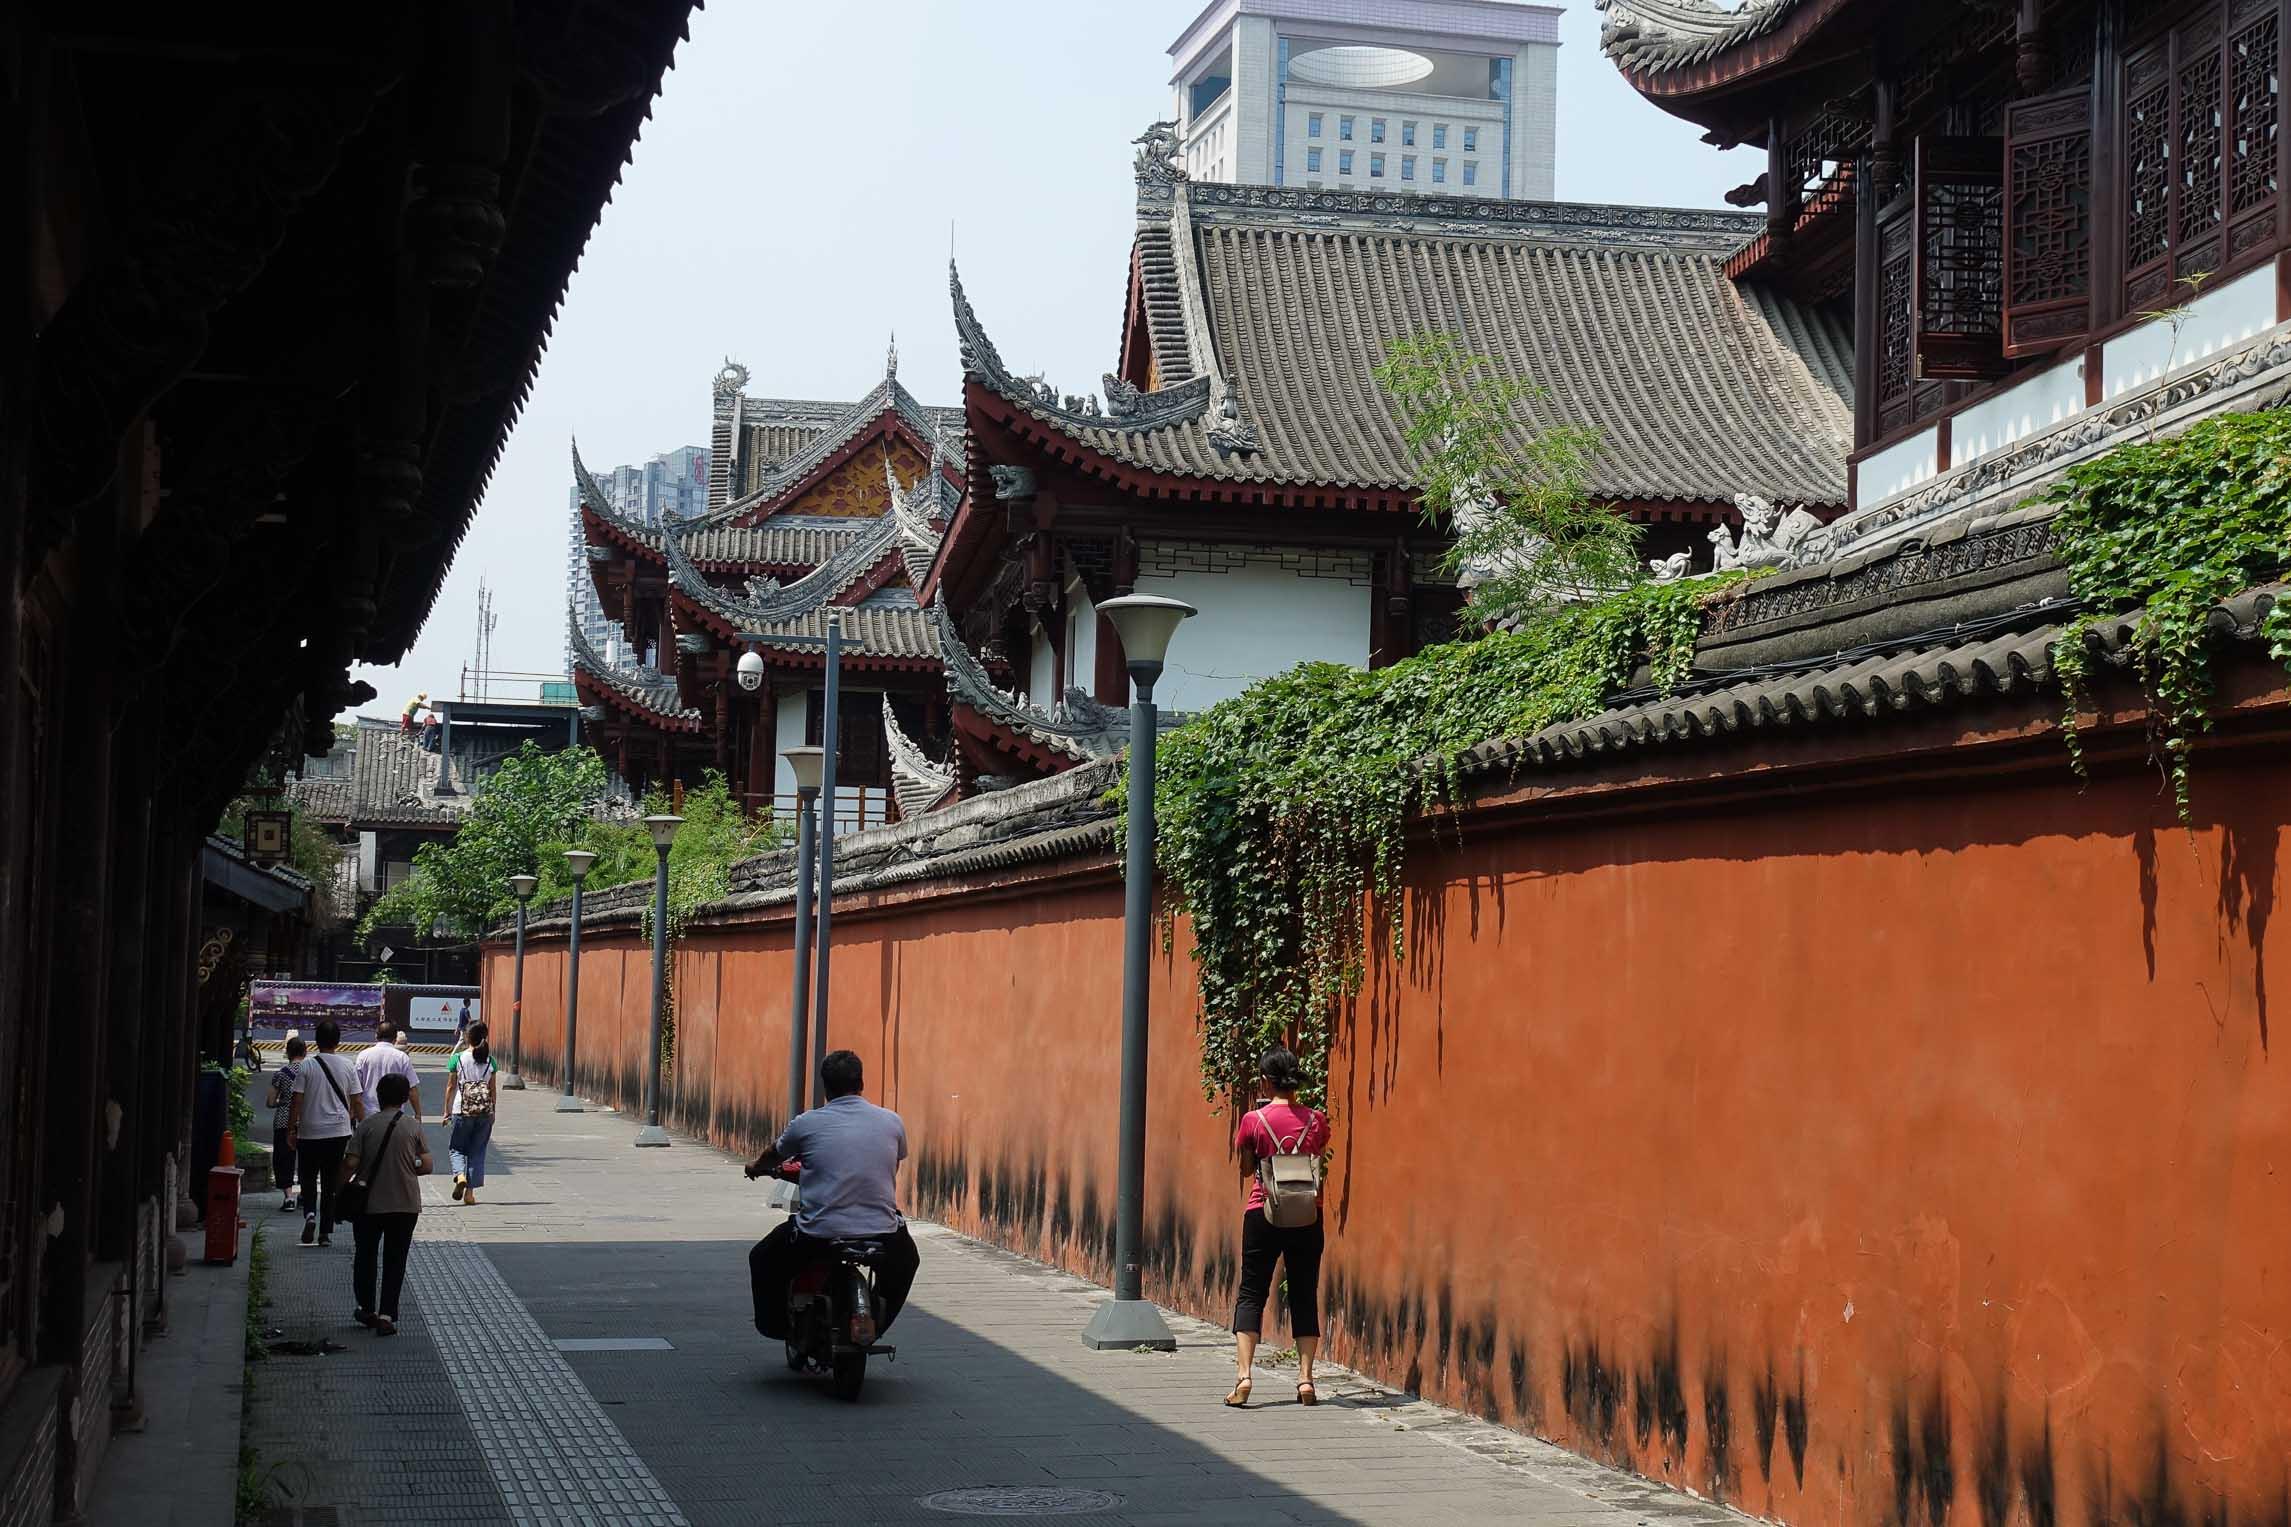 Wen Shu Monastery